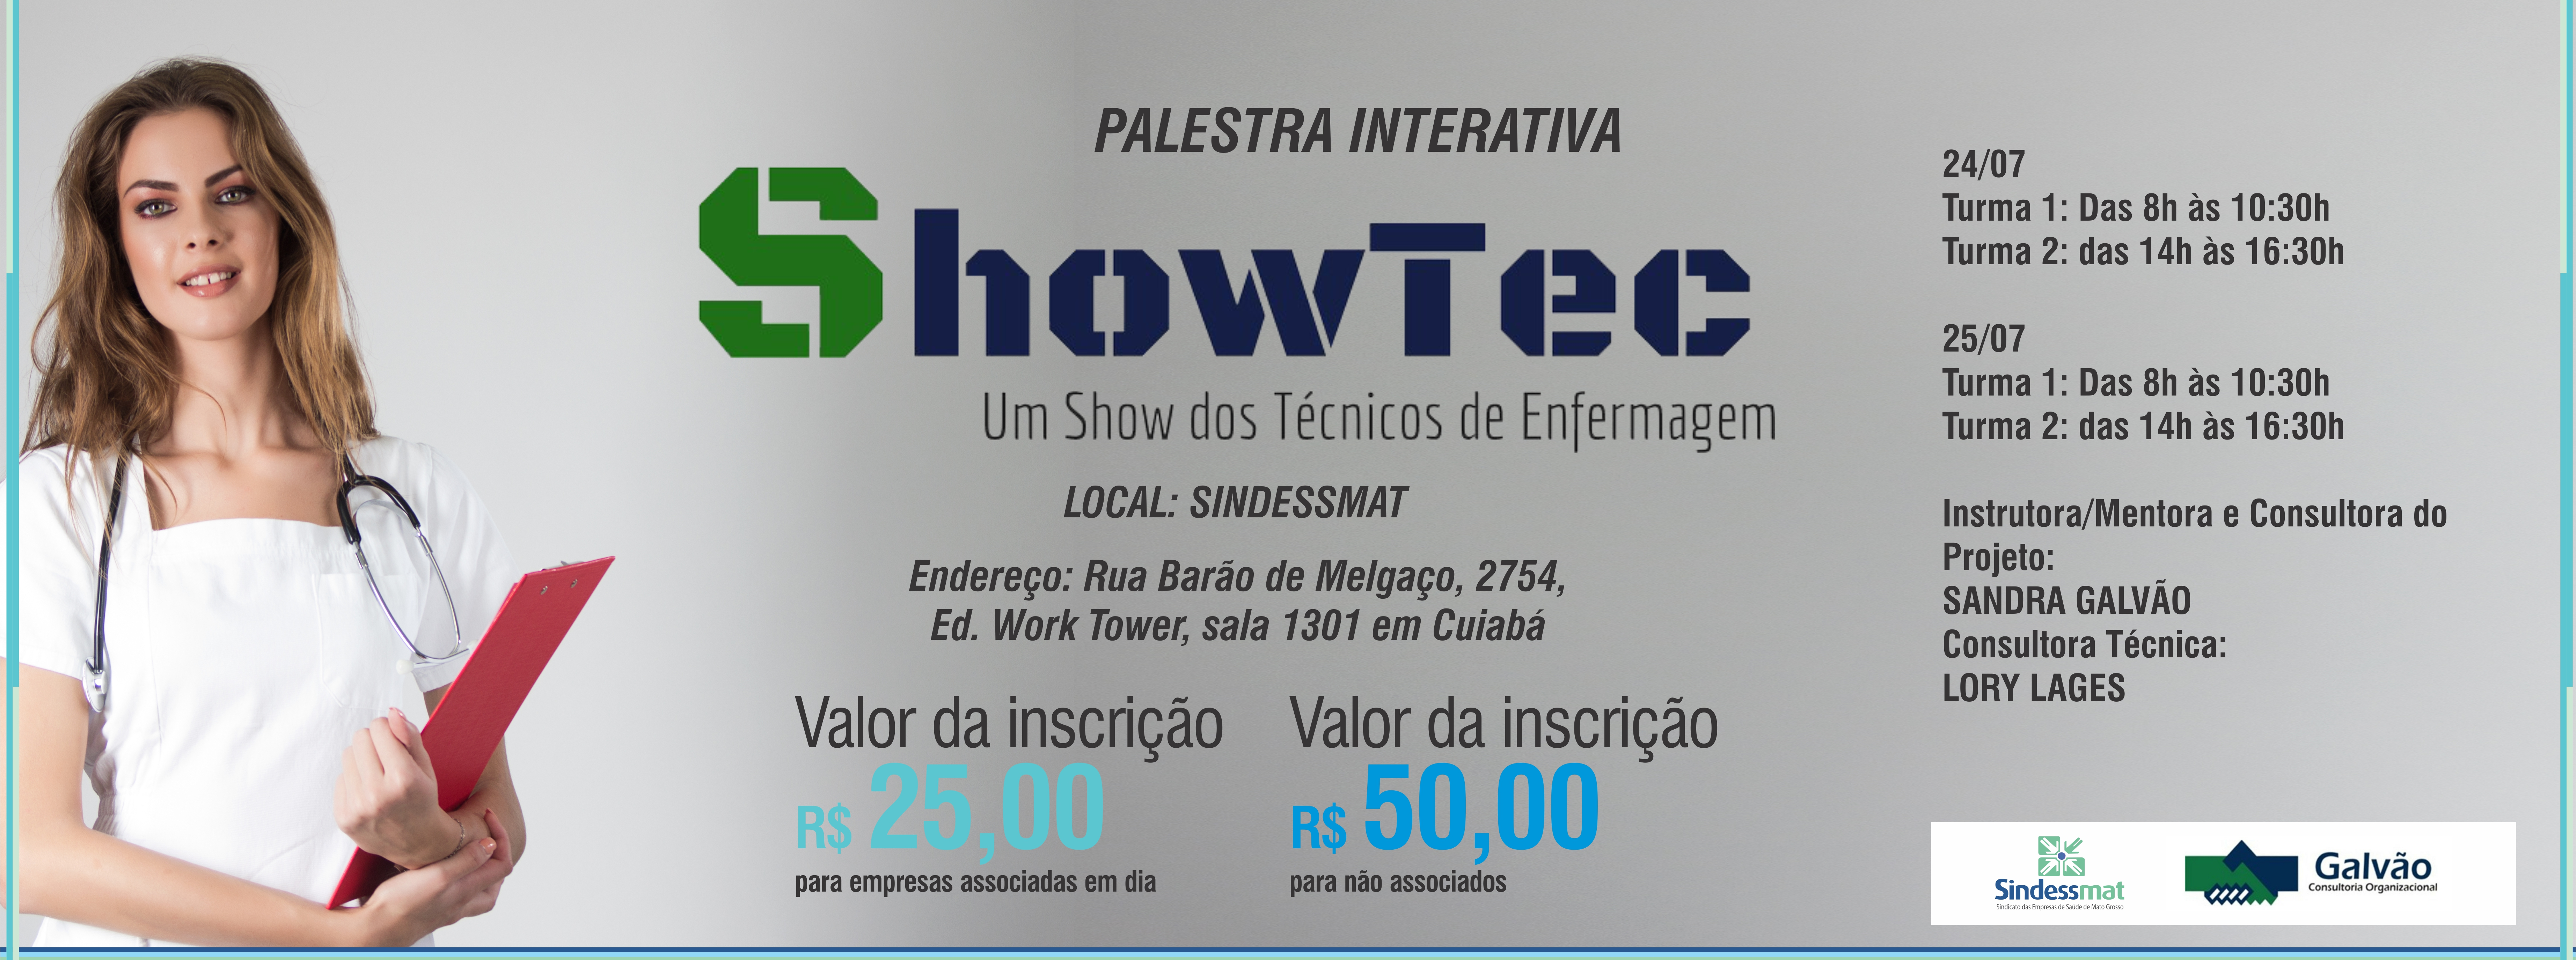 04-07-2018-SHOWTEC